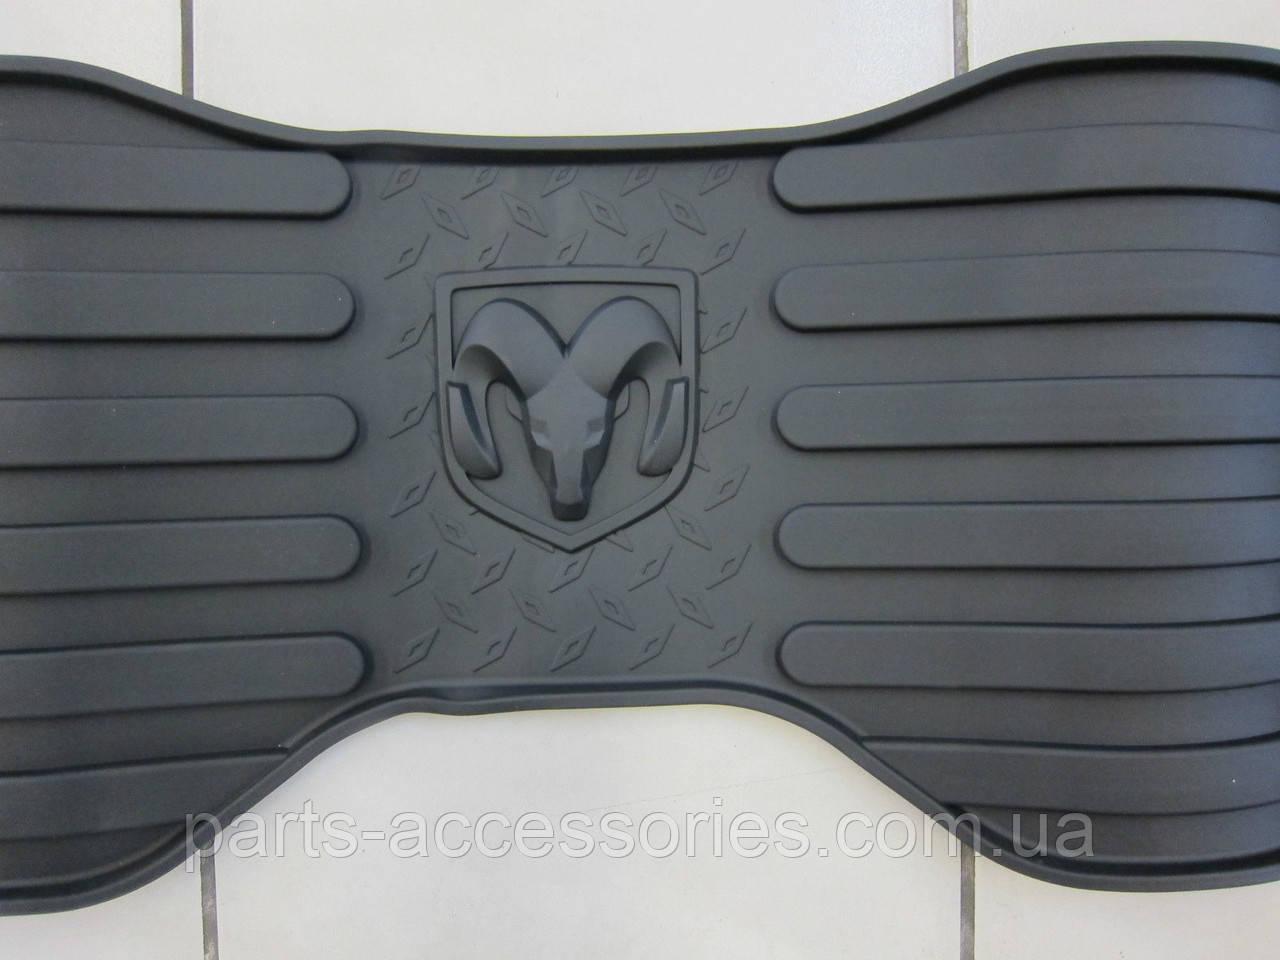 Dodge RAM 1500 2009-2012 коврики резиновые передние задние новые оригинальные